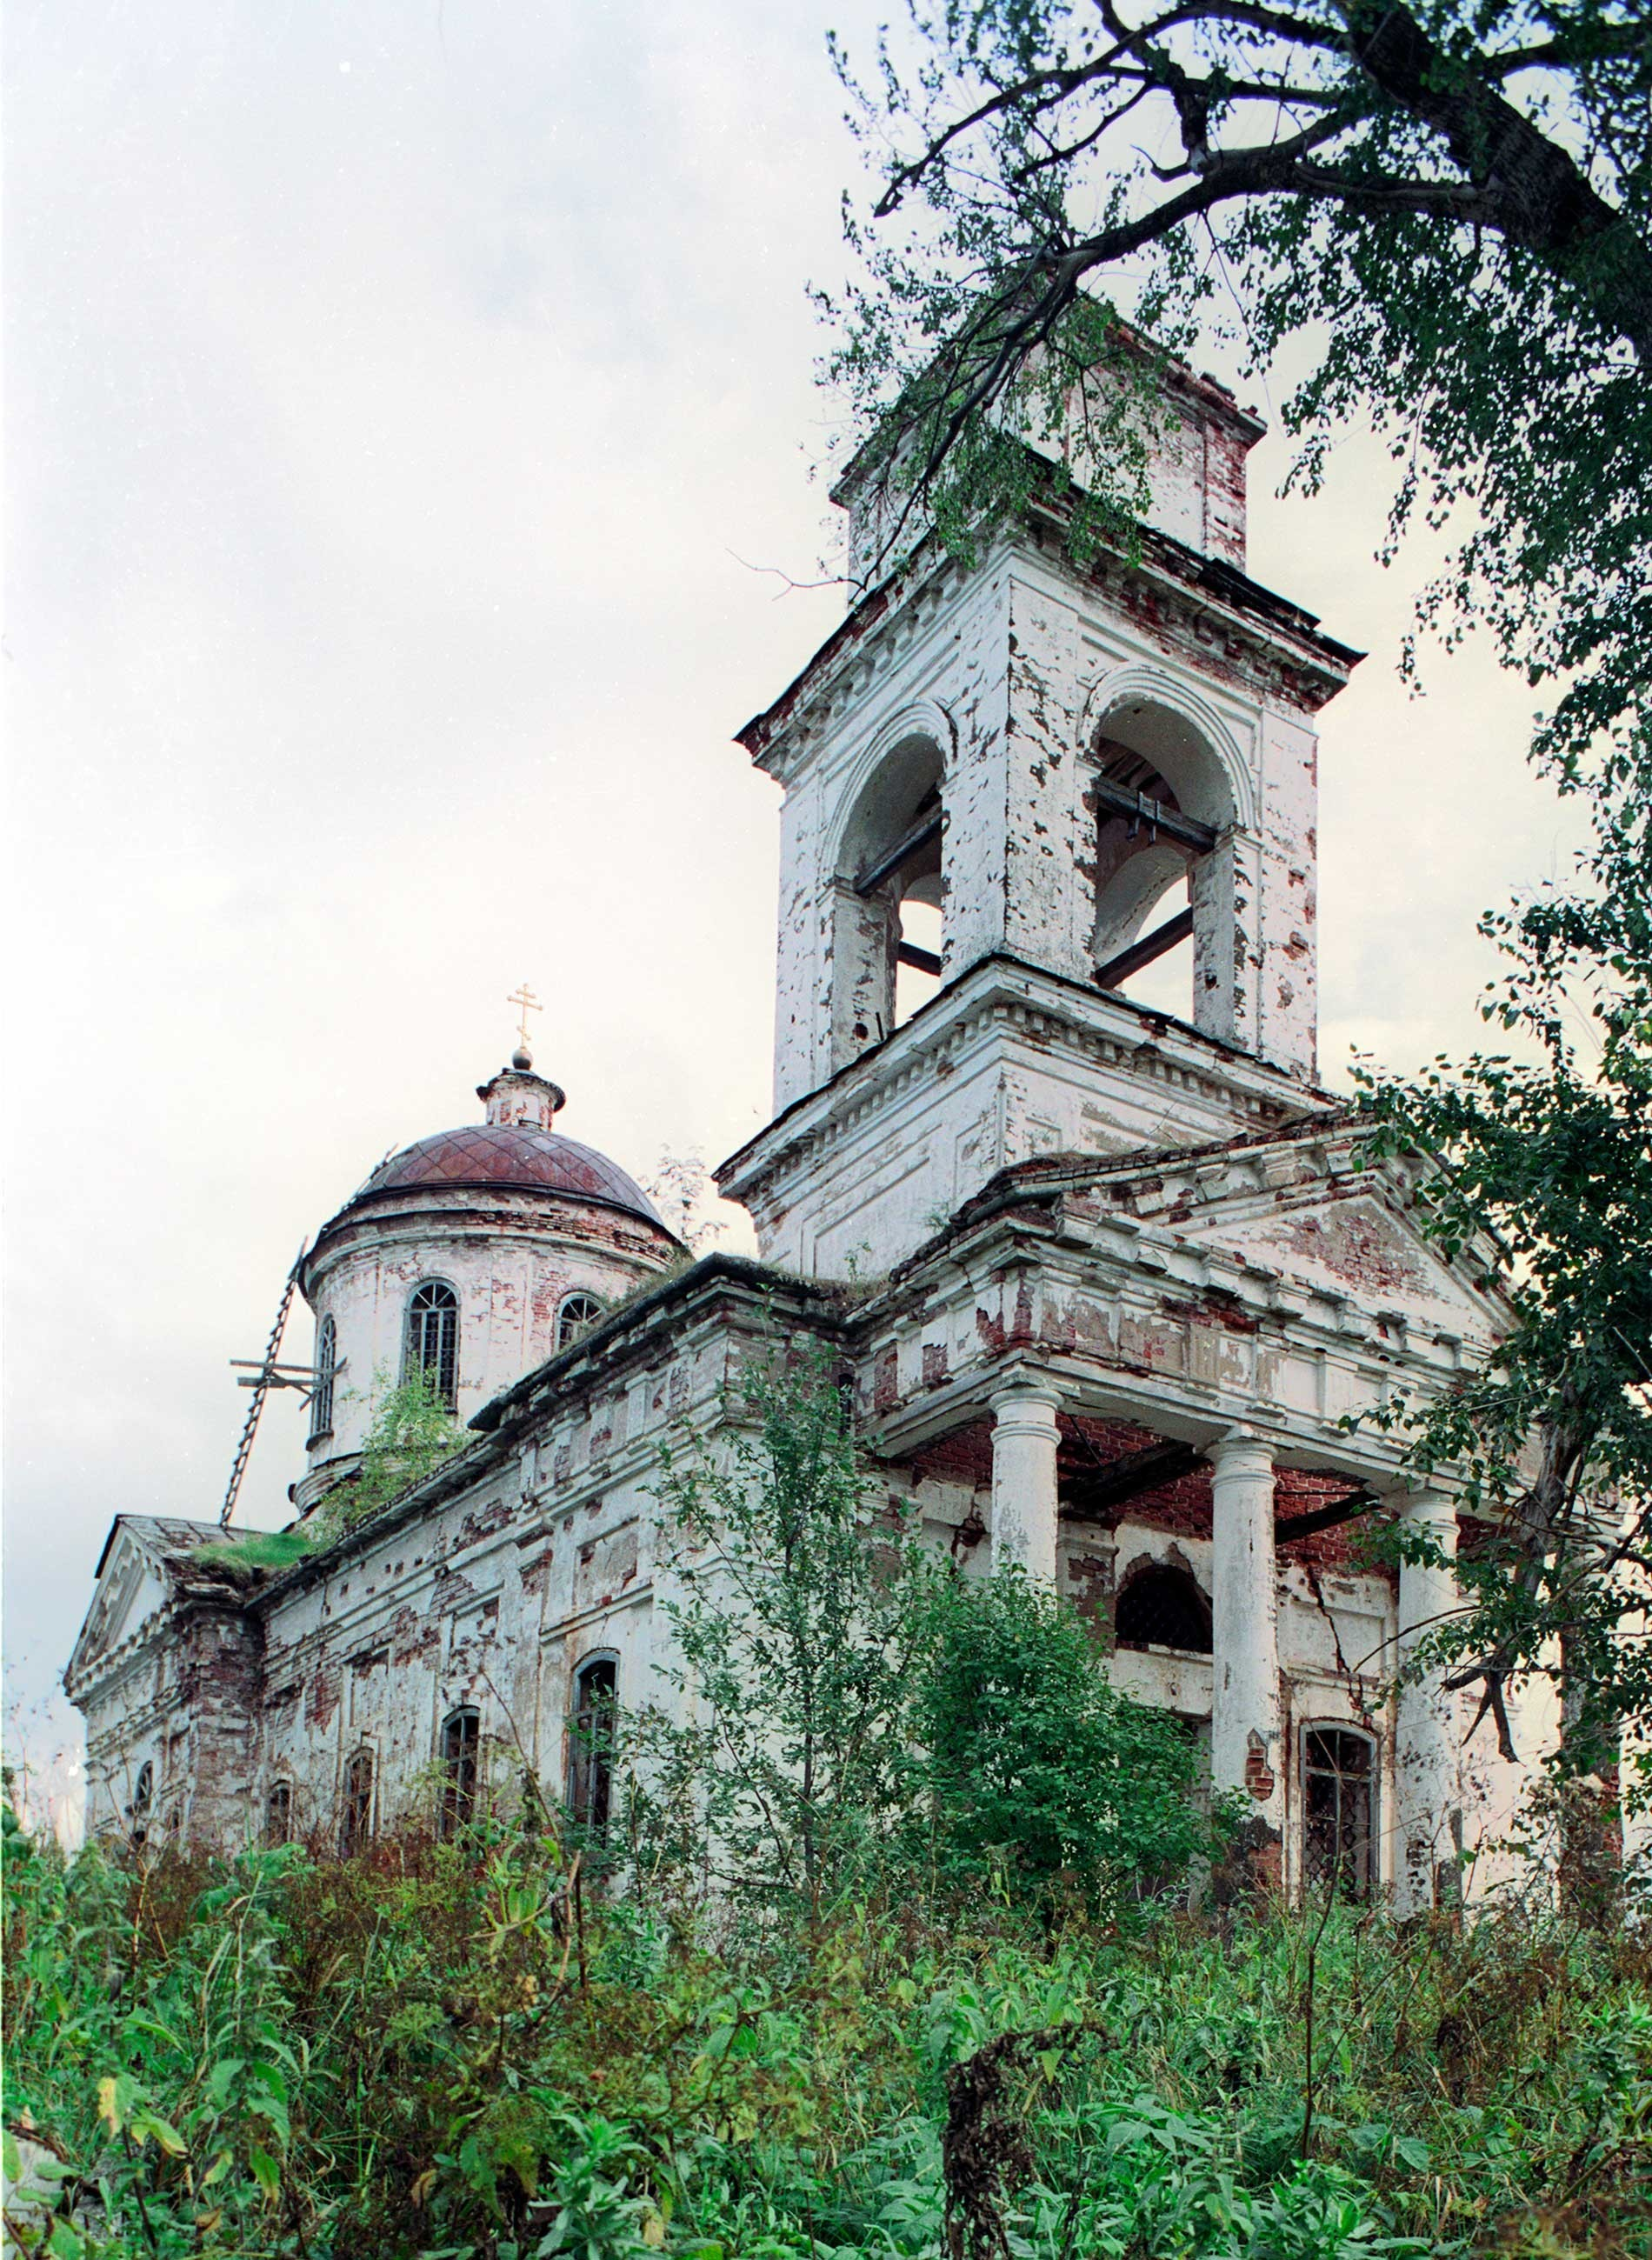 Iglesia de Icono del Signo, vista noroeste. 28 de agosto de 2006.